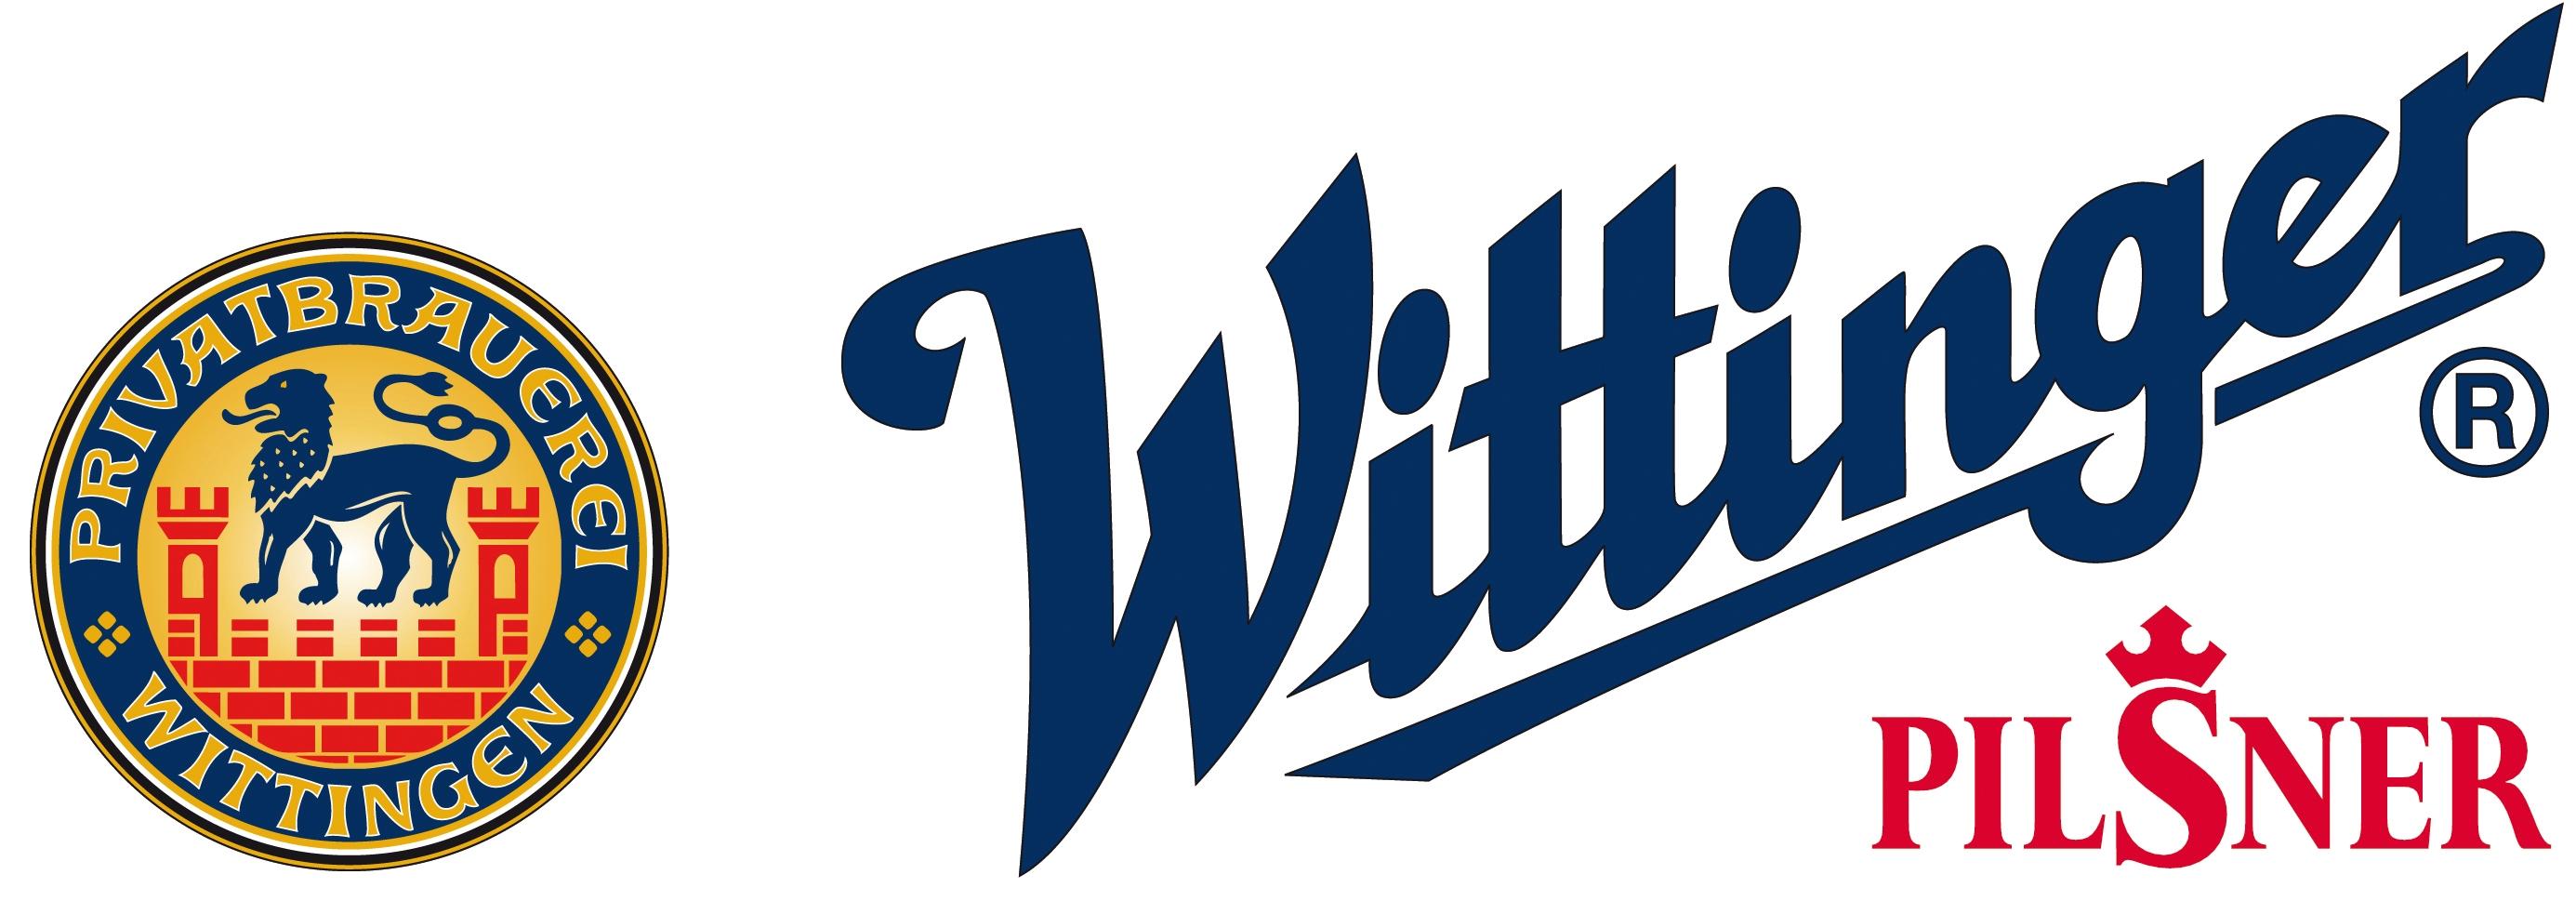 Wittinger Bier